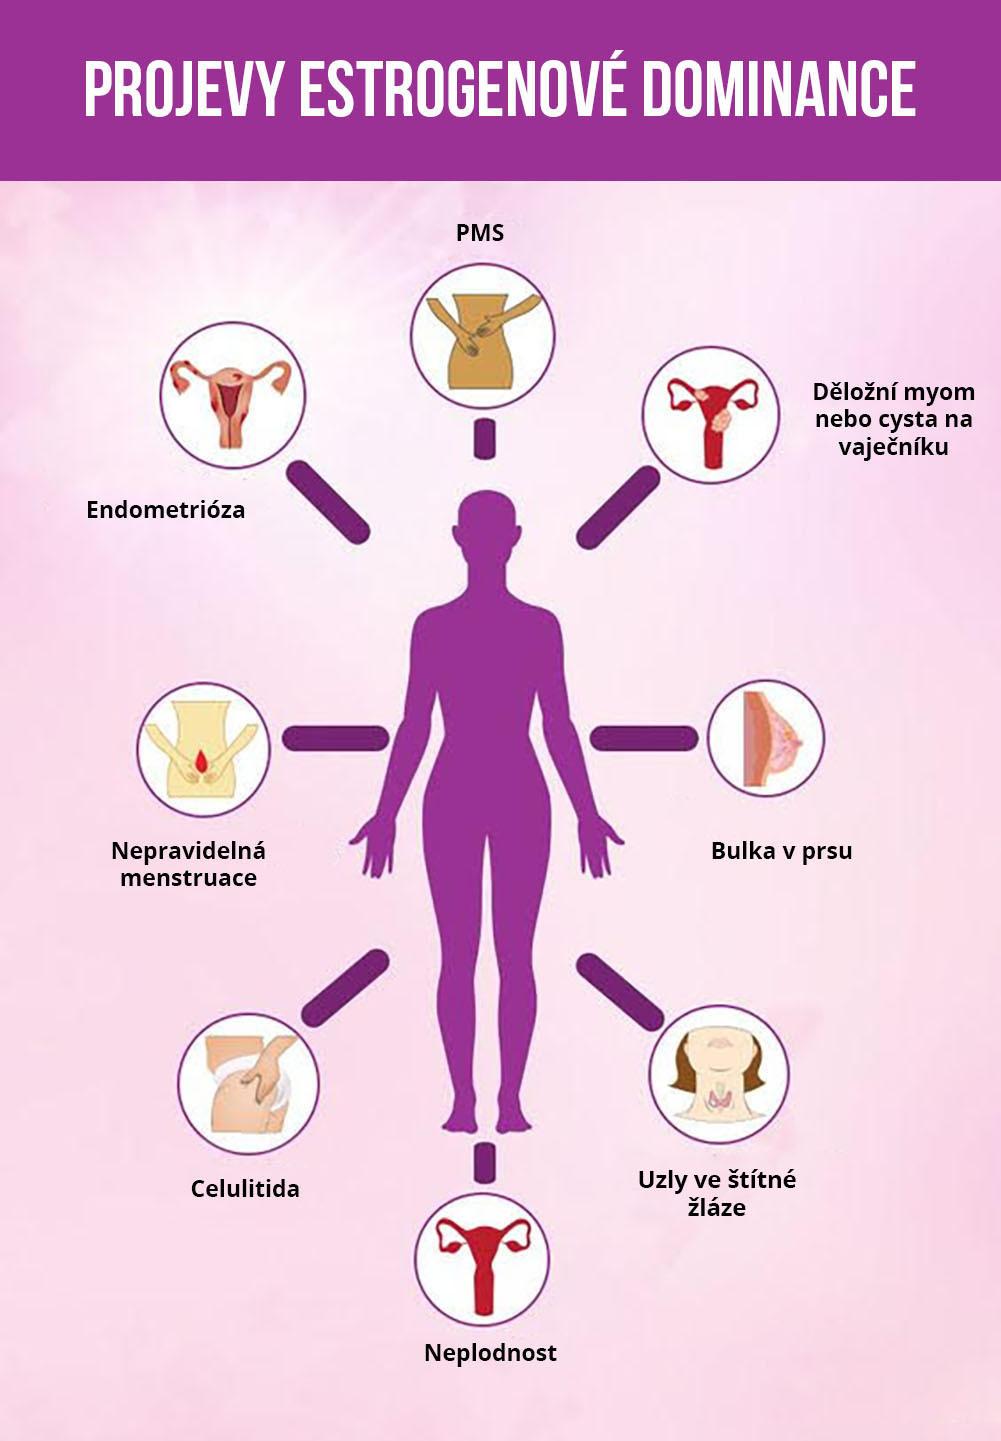 priznaky-estrogenove-dominance